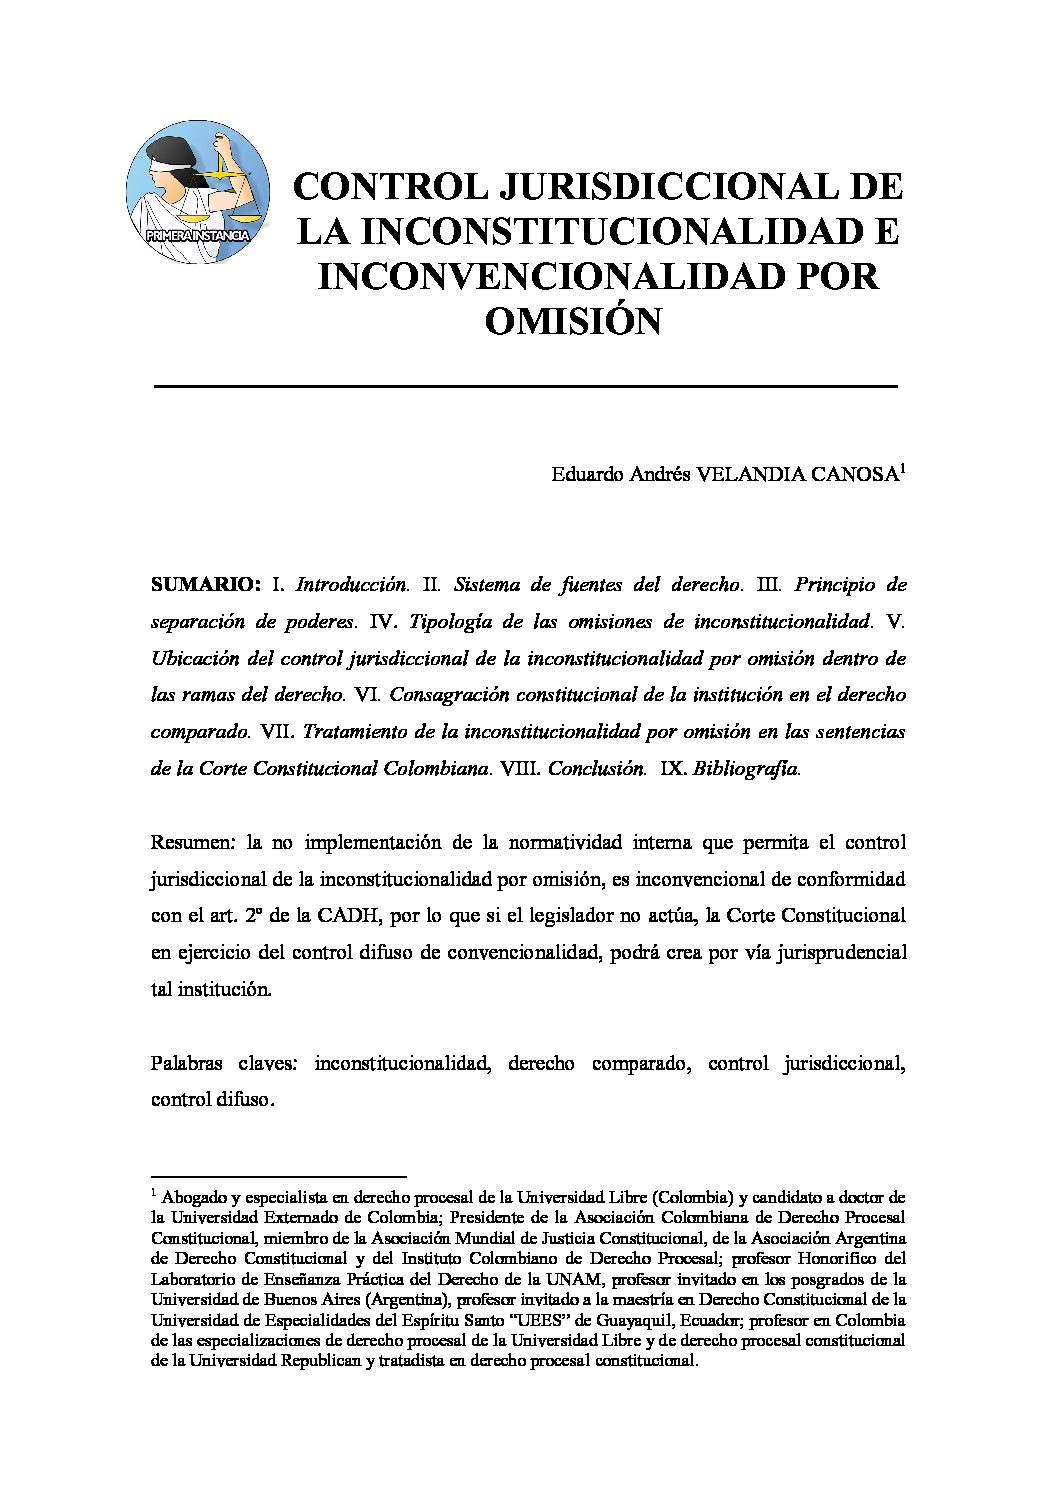 CONTROL JURISDICCIONAL DE LA INCONSTITUCIONALIDAD E INCONVENCIONALIDAD POR OMISIÓN, Eduardo Andrés Velandia Canosa